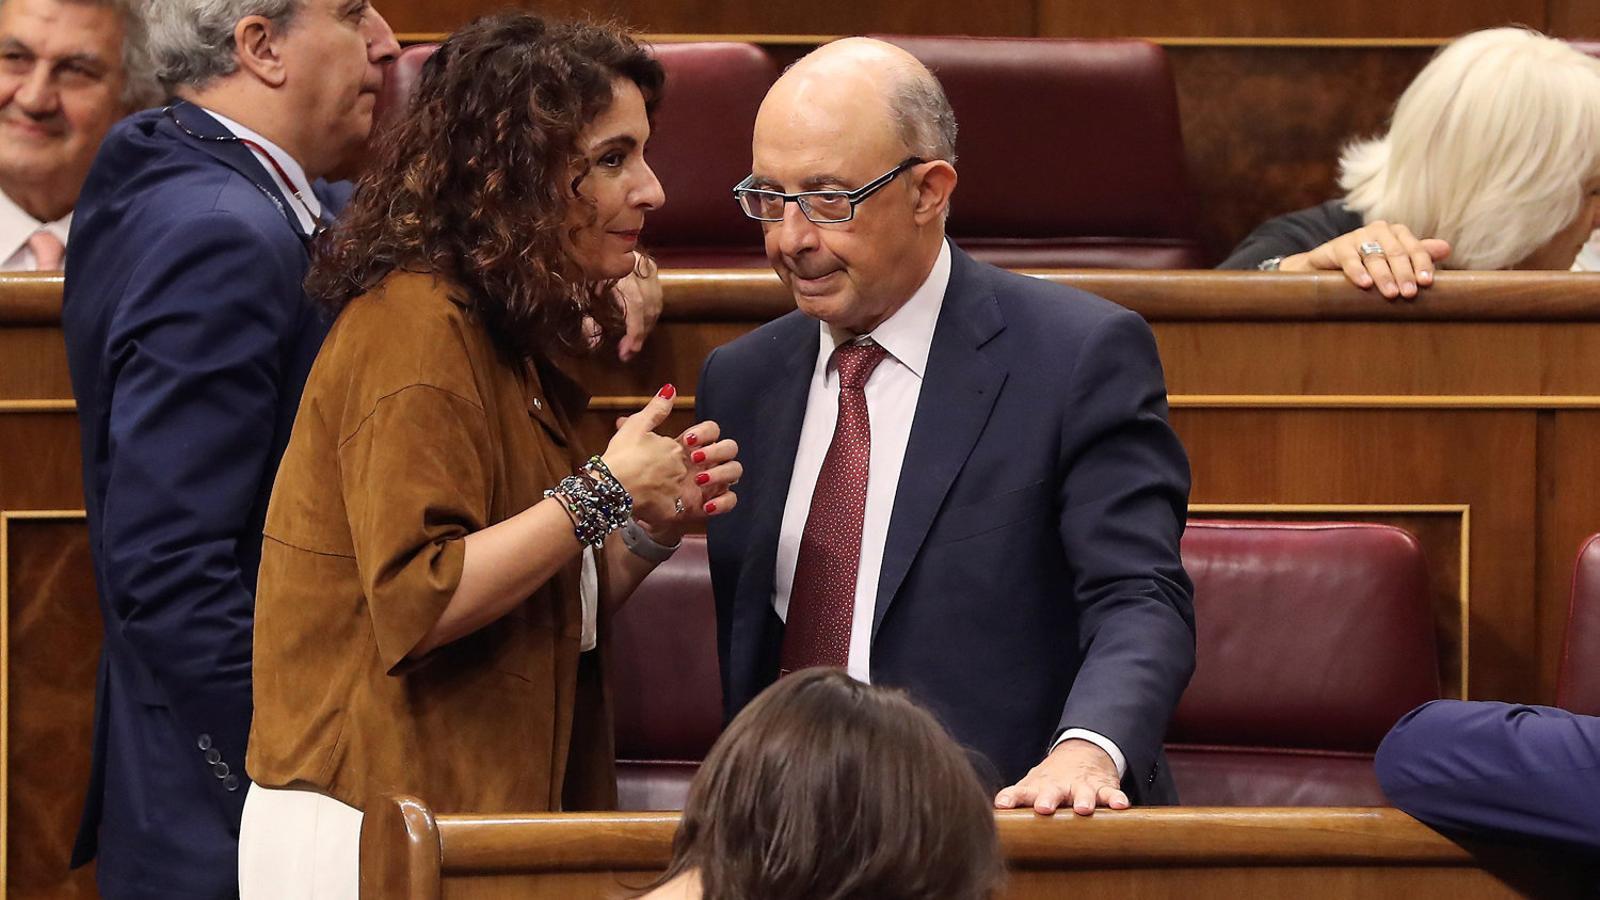 La ministra d'Hisenda, María Jesús Montero, amb el seu predecessor, Cristóbal Montoro, durant el debat  a finals del juny passat dels pressupostos al Congrés.